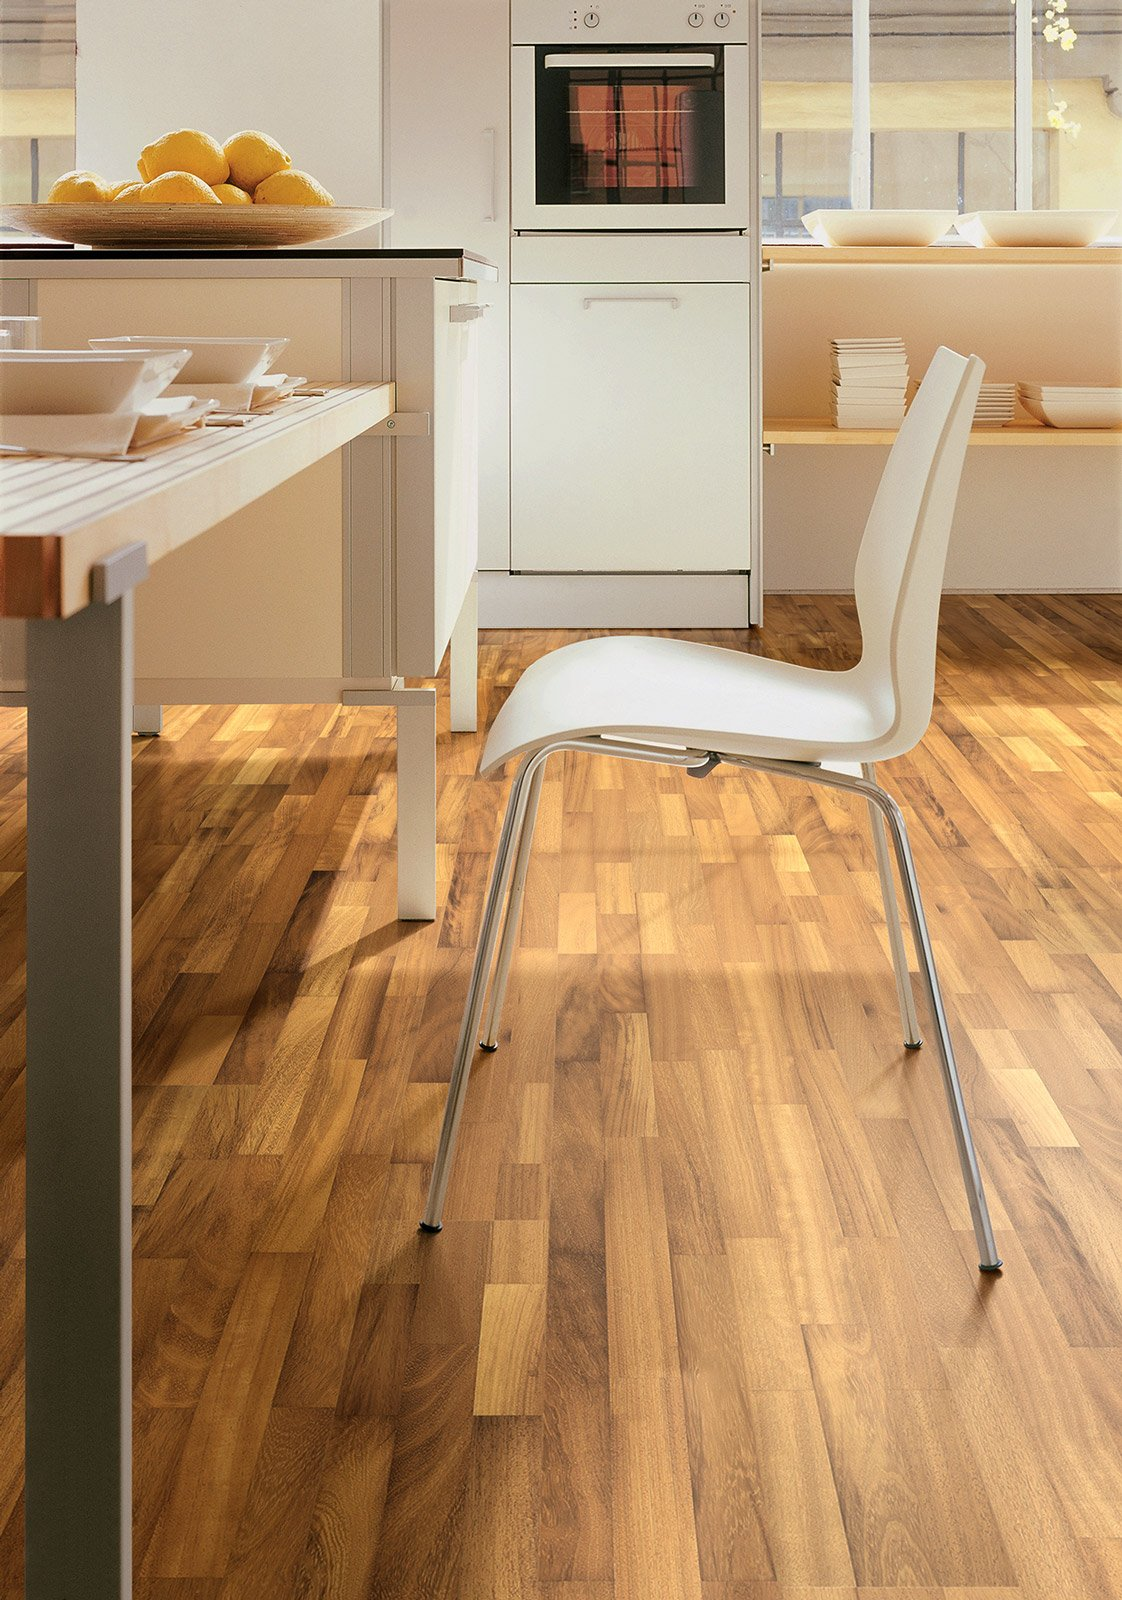 Scegliere il pavimento della cucina effetto legno - Piastrelle spessore 3 mm prezzi ...